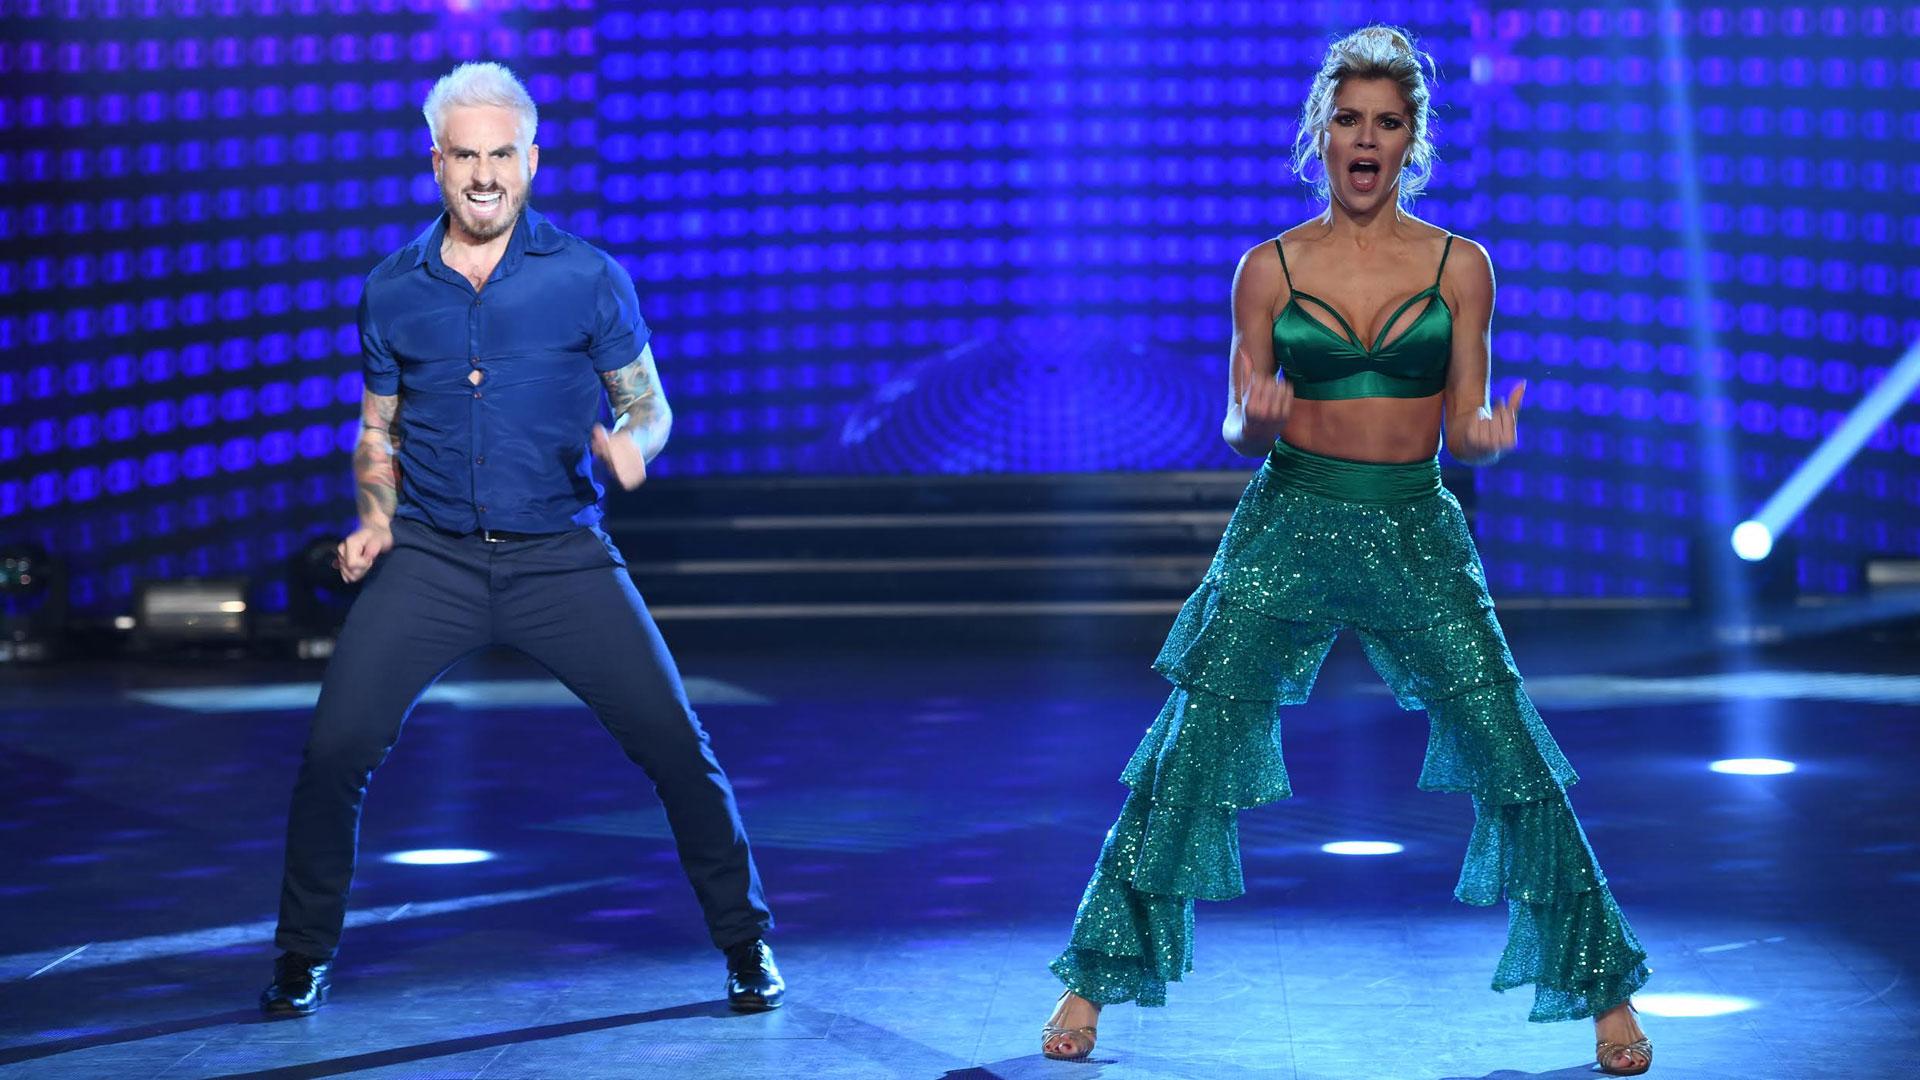 """Fede Bal y Laurita Fernández contaron que pasaron una noche juntos…. ¿Habrá reconciliación entre los participantes del """"Bailando""""?"""""""